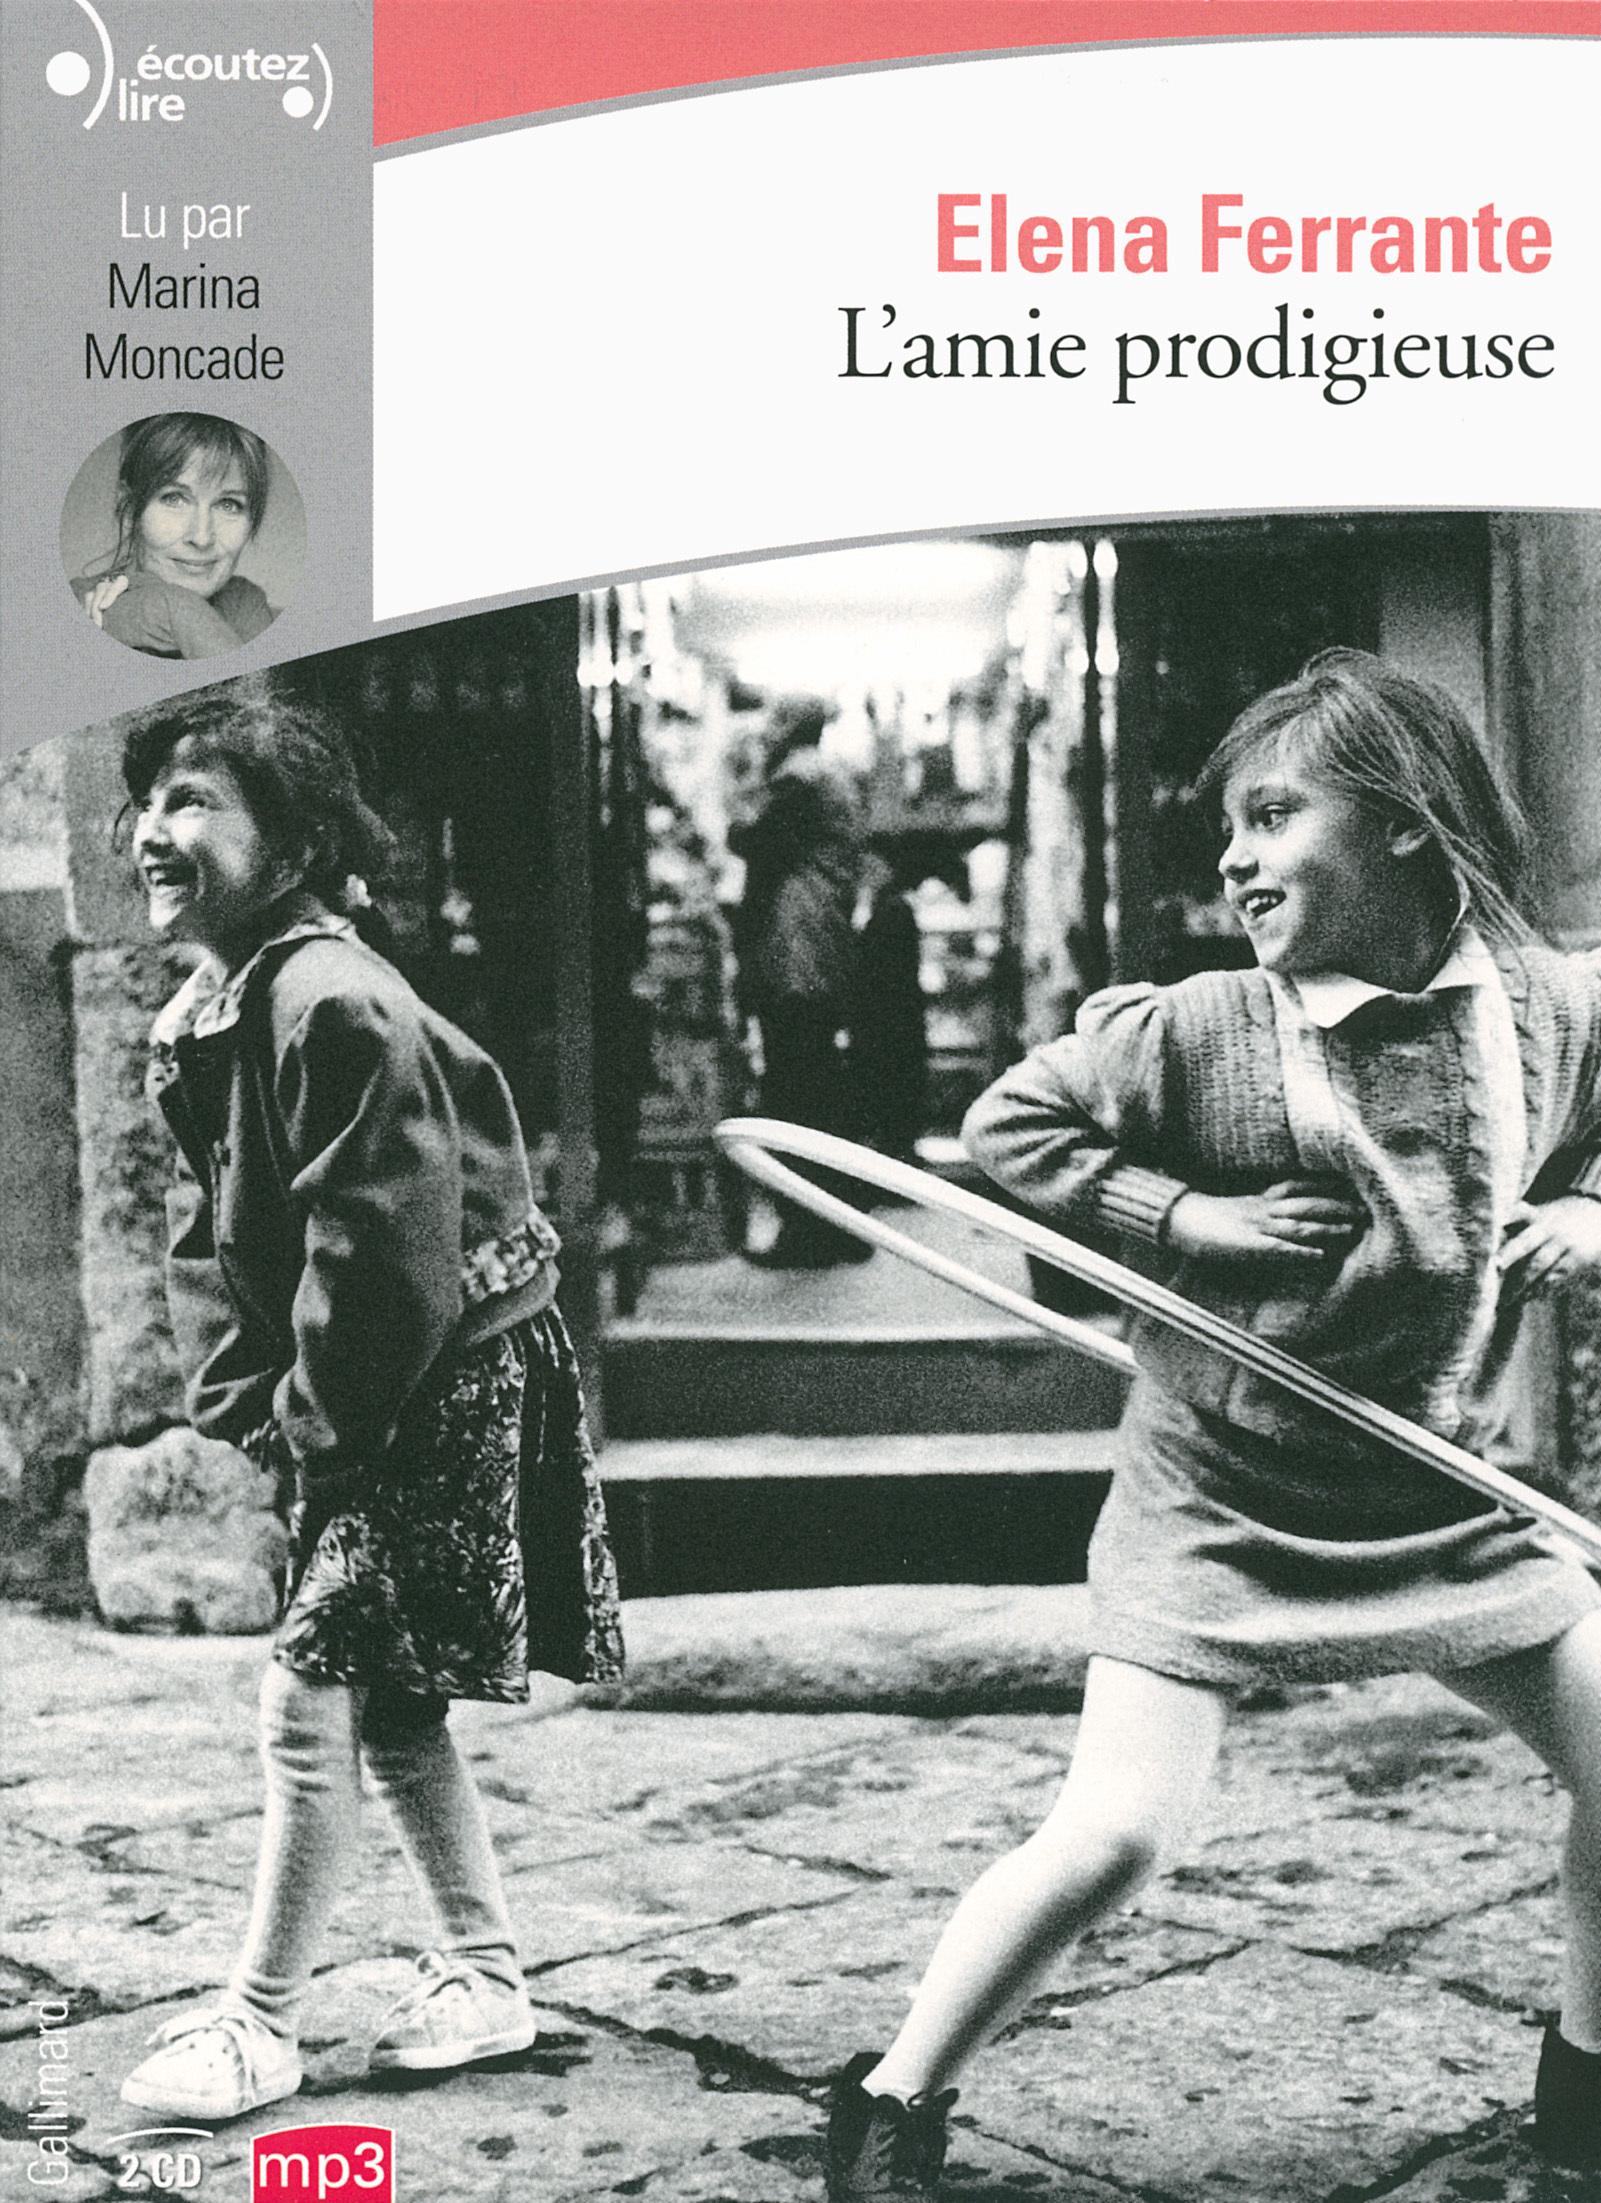 L'AMIE PRODIGIEUSE